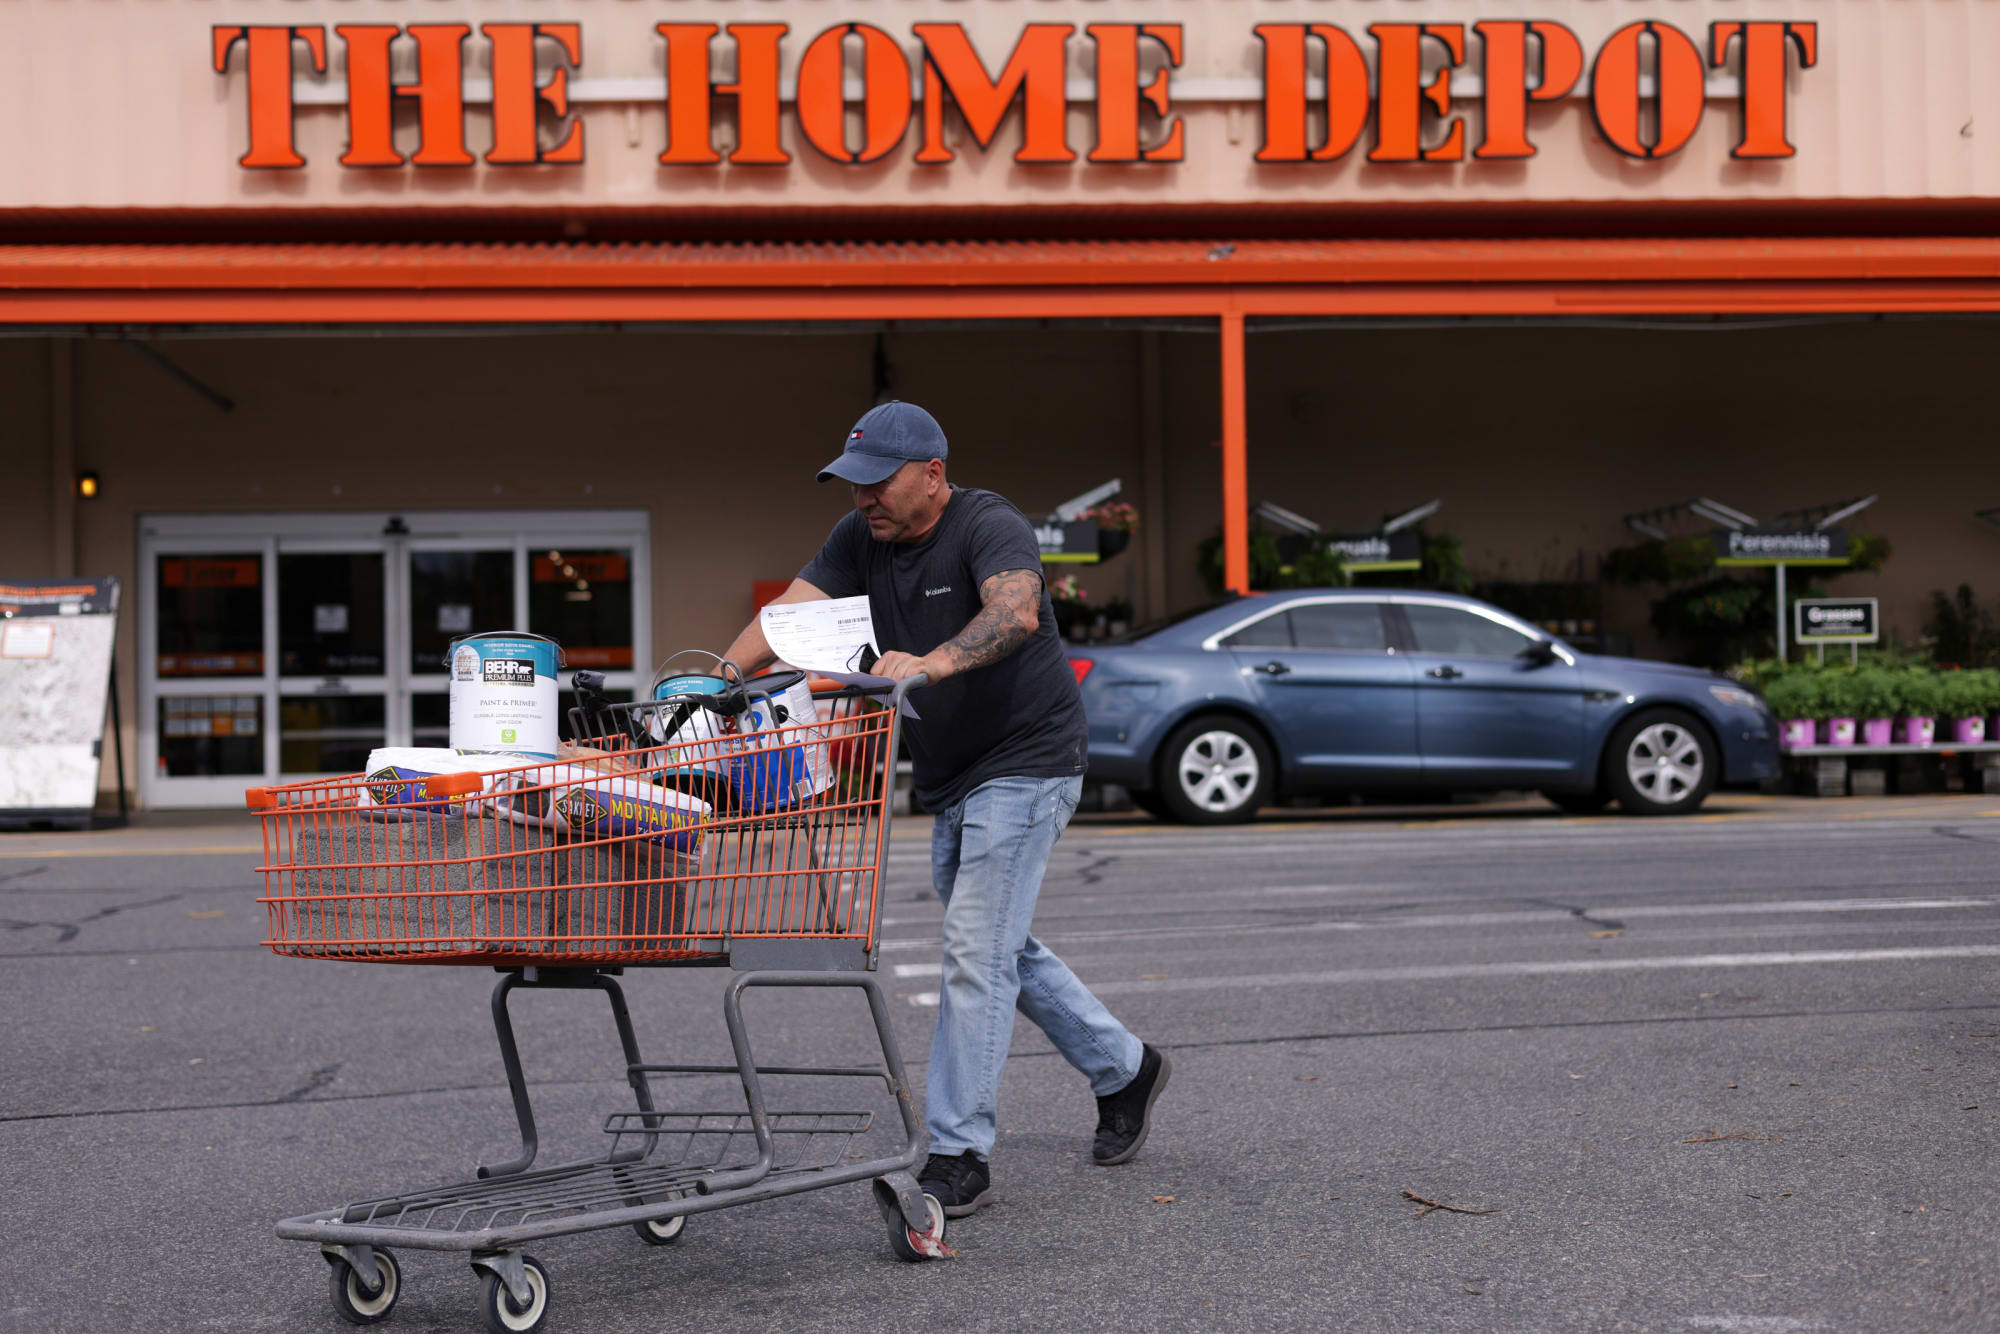 ¿Home Depot abre el Día del Trabajo?